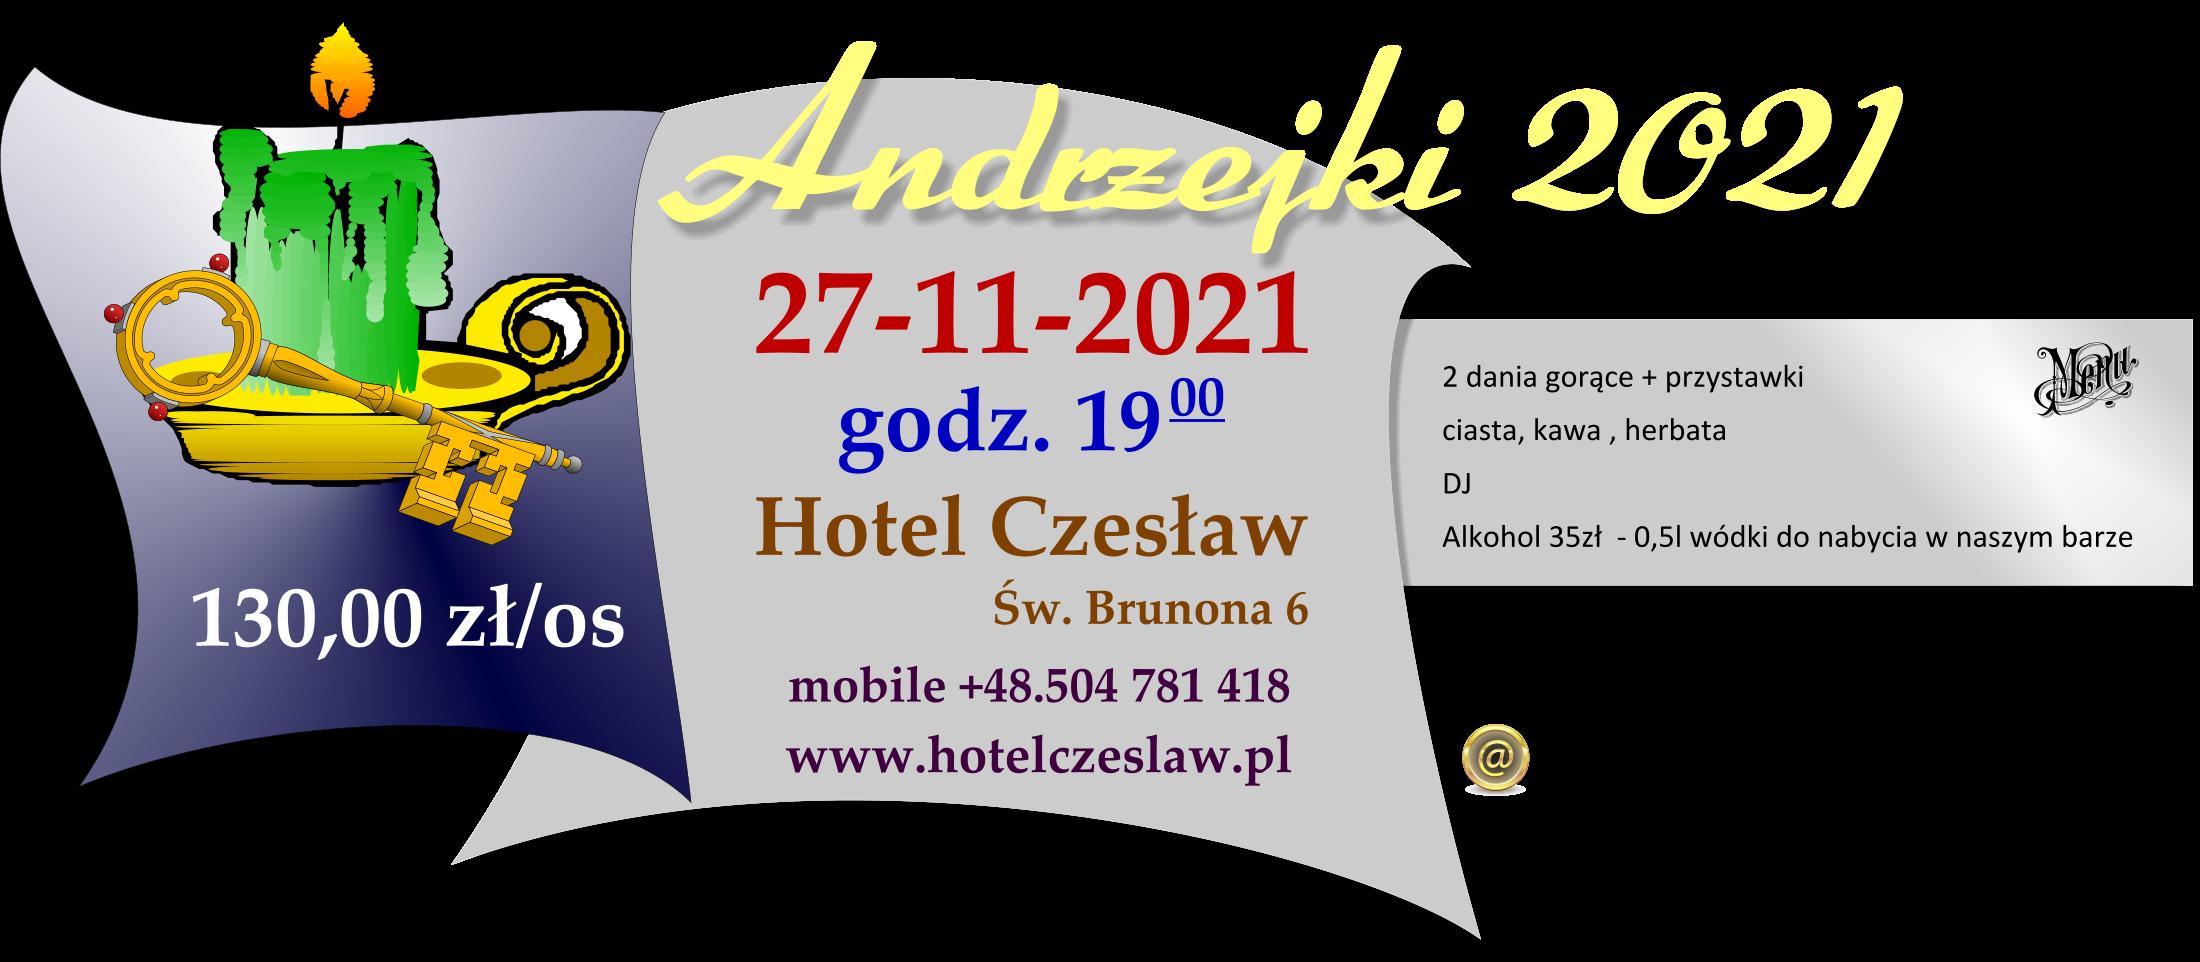 Andrzejki na Mazurach, Hotel Czesław zaprasza do Giżycka